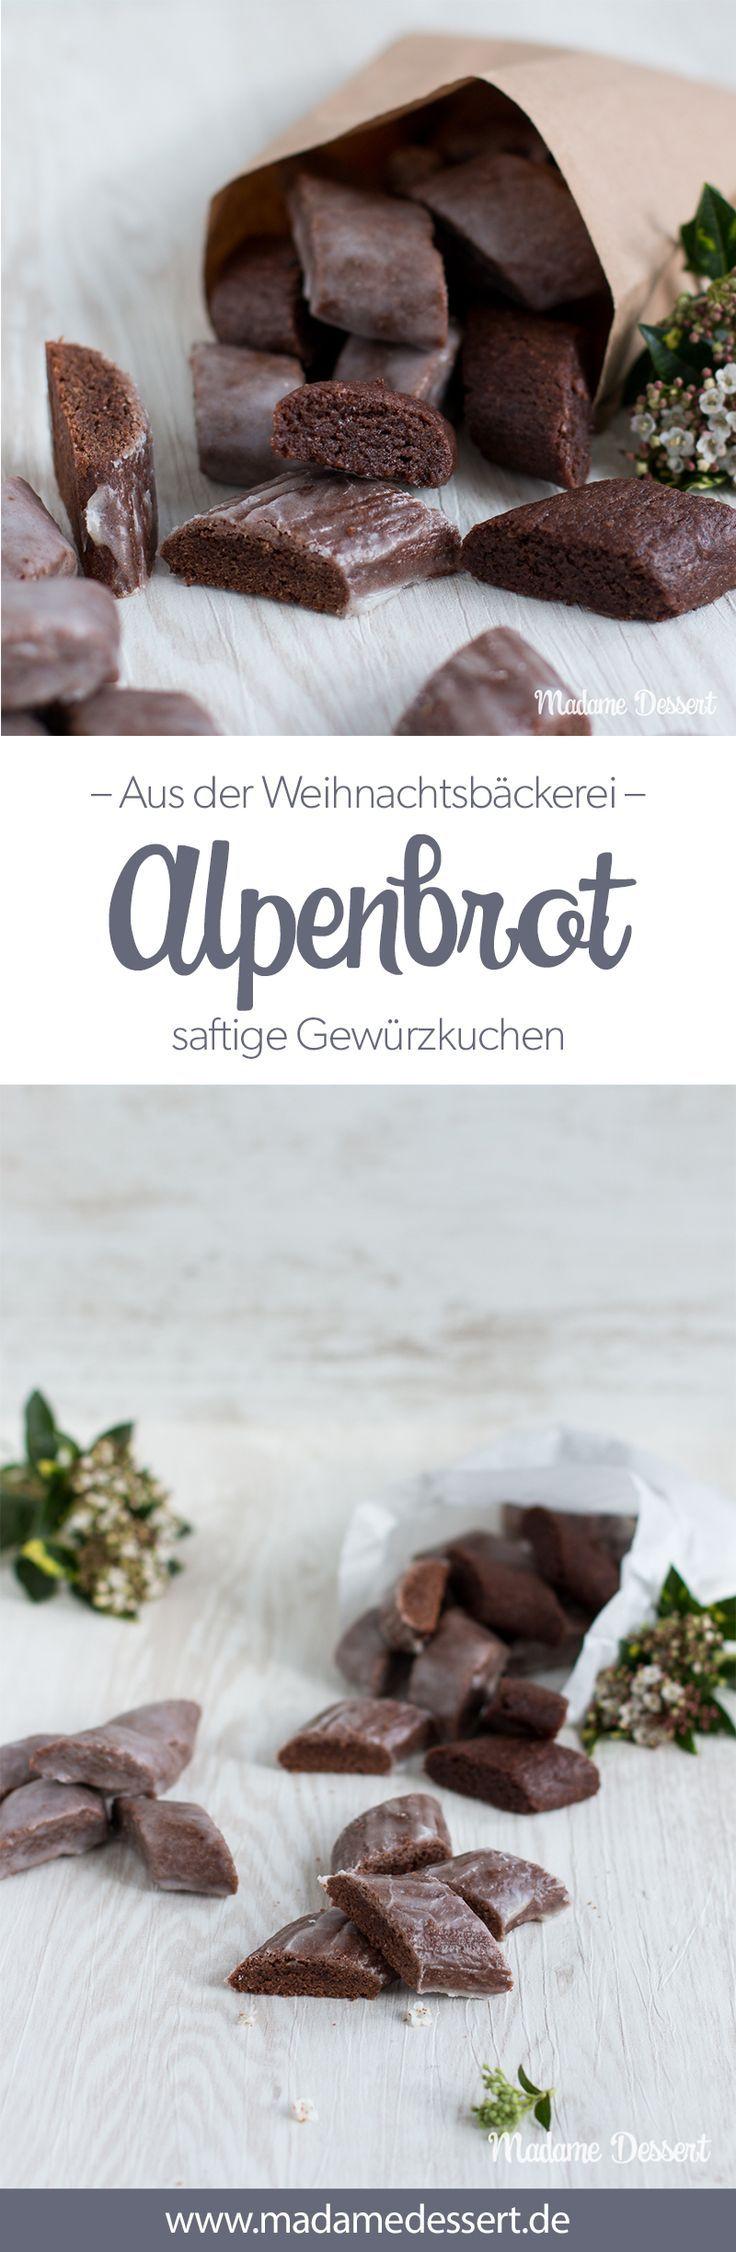 Alpenbrot – Das etwas andere Magenbrot Ein Rezept für alle, denen das klassische Magenbrot wie vom Weihnachtsmarkt zu zäh in der Konsistenz ist, gibt es die leckeren Gewürzkuchen jetzt in einer etwas abgewandelten Form. Das Alpenbrot enthält all die tollen Weihnachts-Gewürze ist allerdings etwas weicher und saftiger.